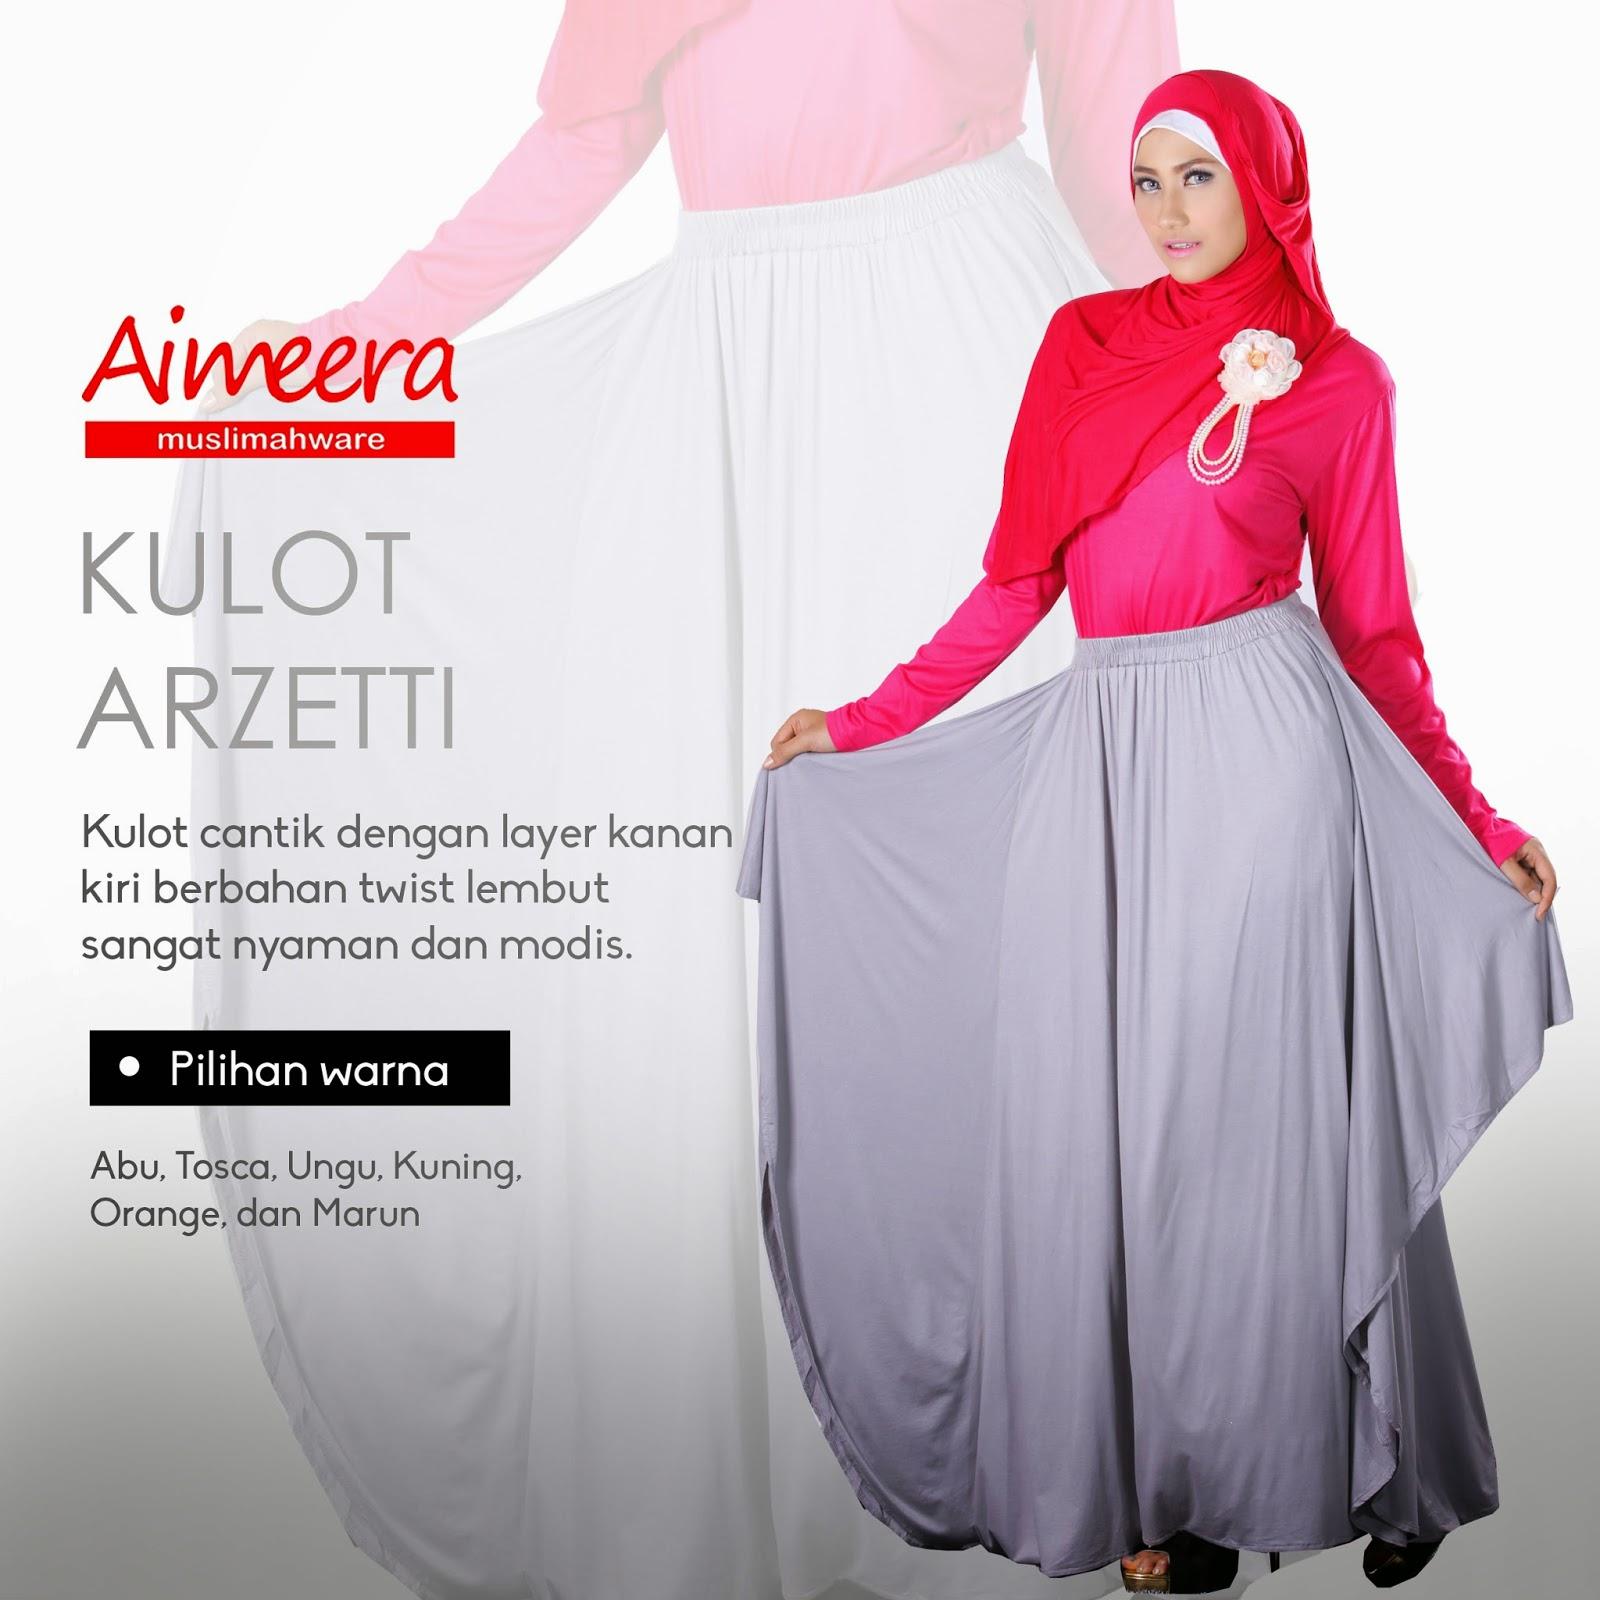 Kulot Arzetti